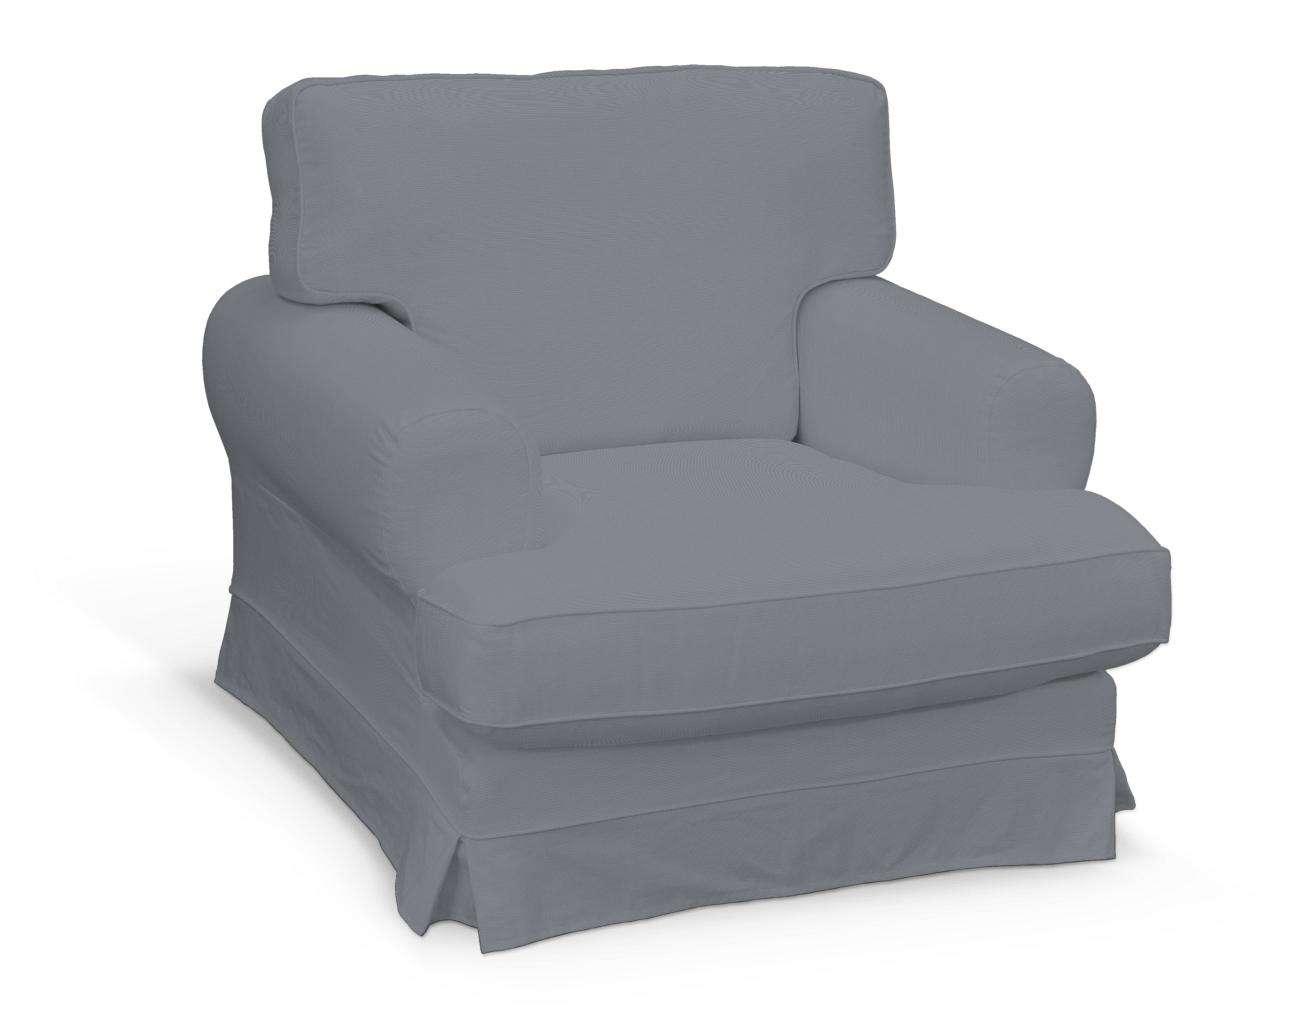 Pokrowiec na fotel Ekeskog Fotel Ekeskog w kolekcji Cotton Panama, tkanina: 702-07